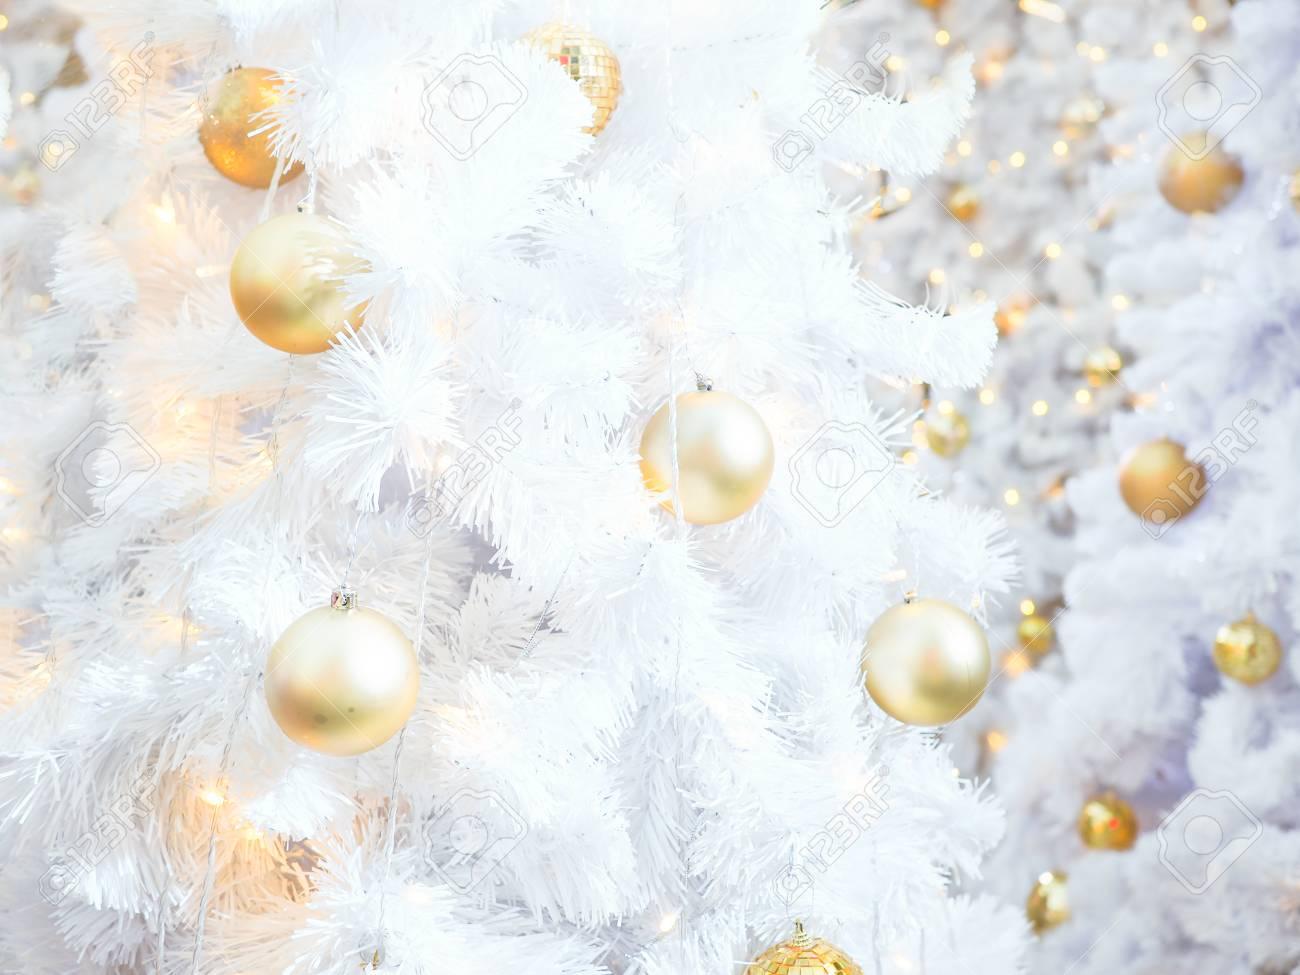 Goldener weihnachtsbaum wallpaper